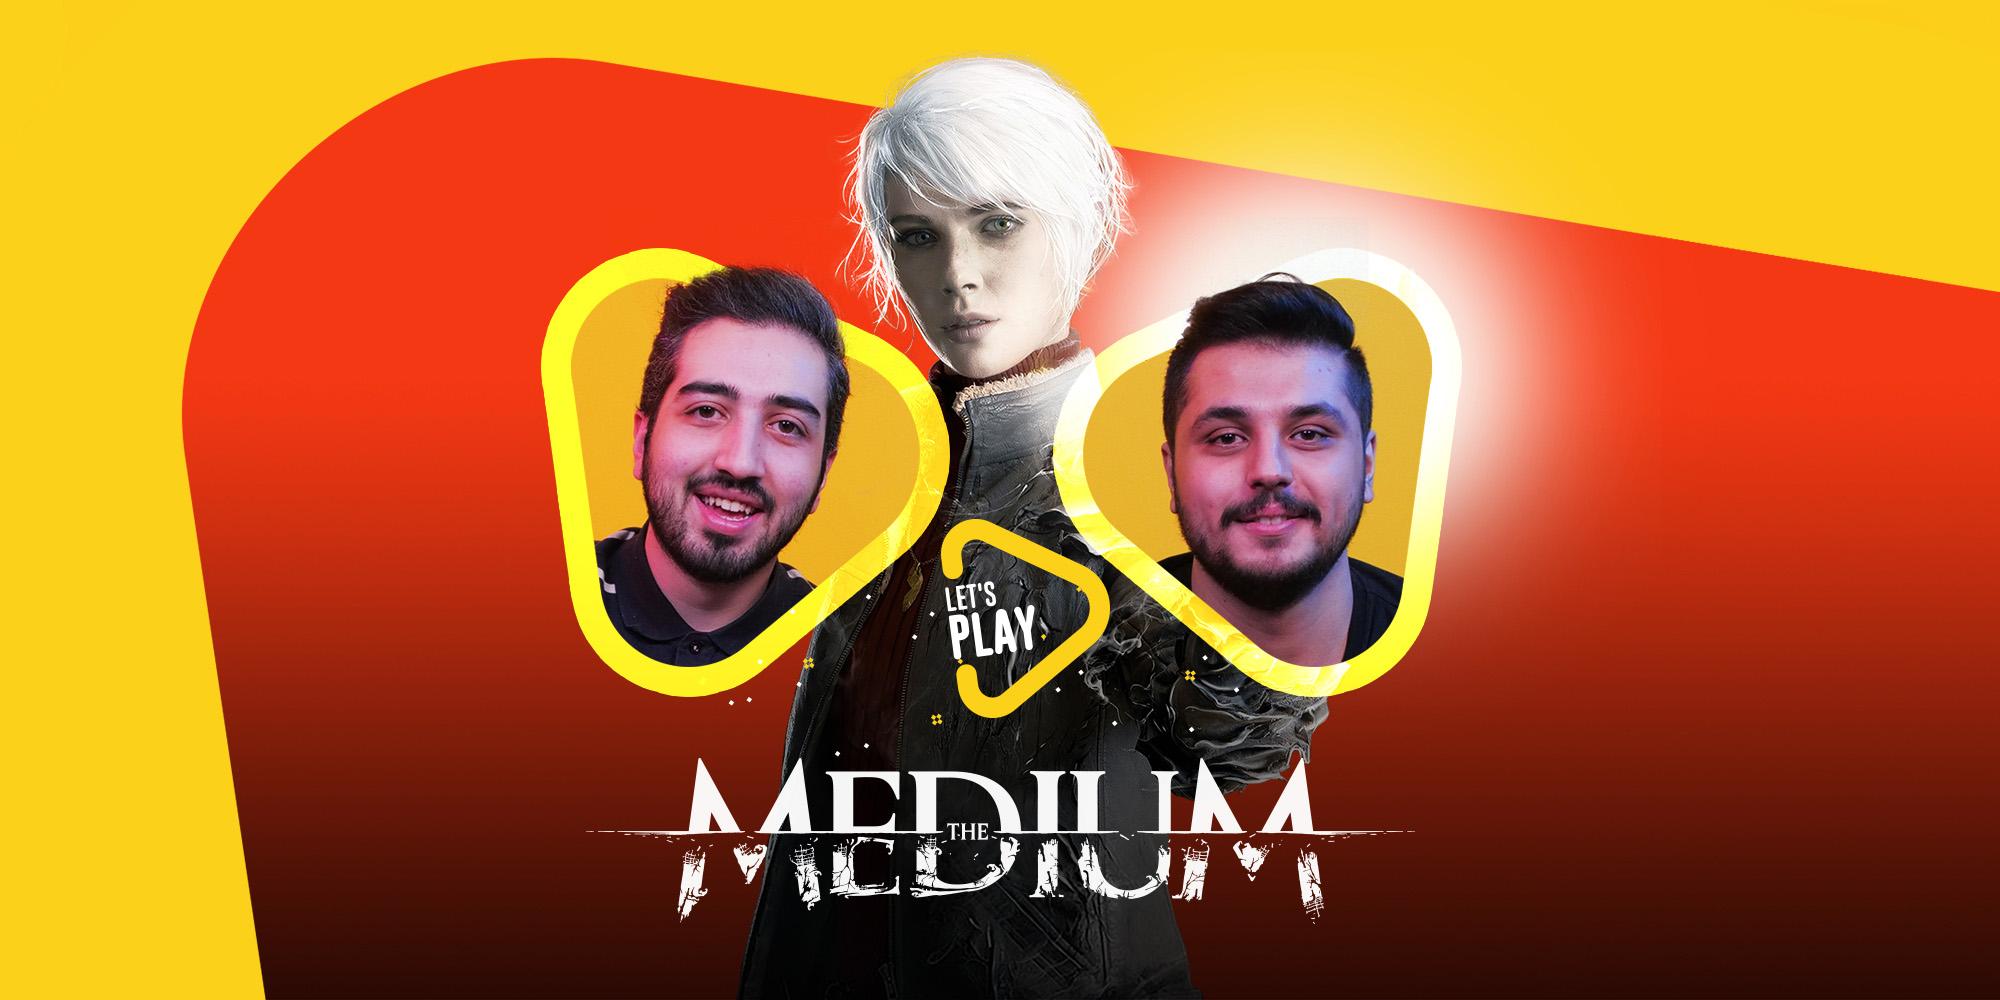 پلی بازی The Medium